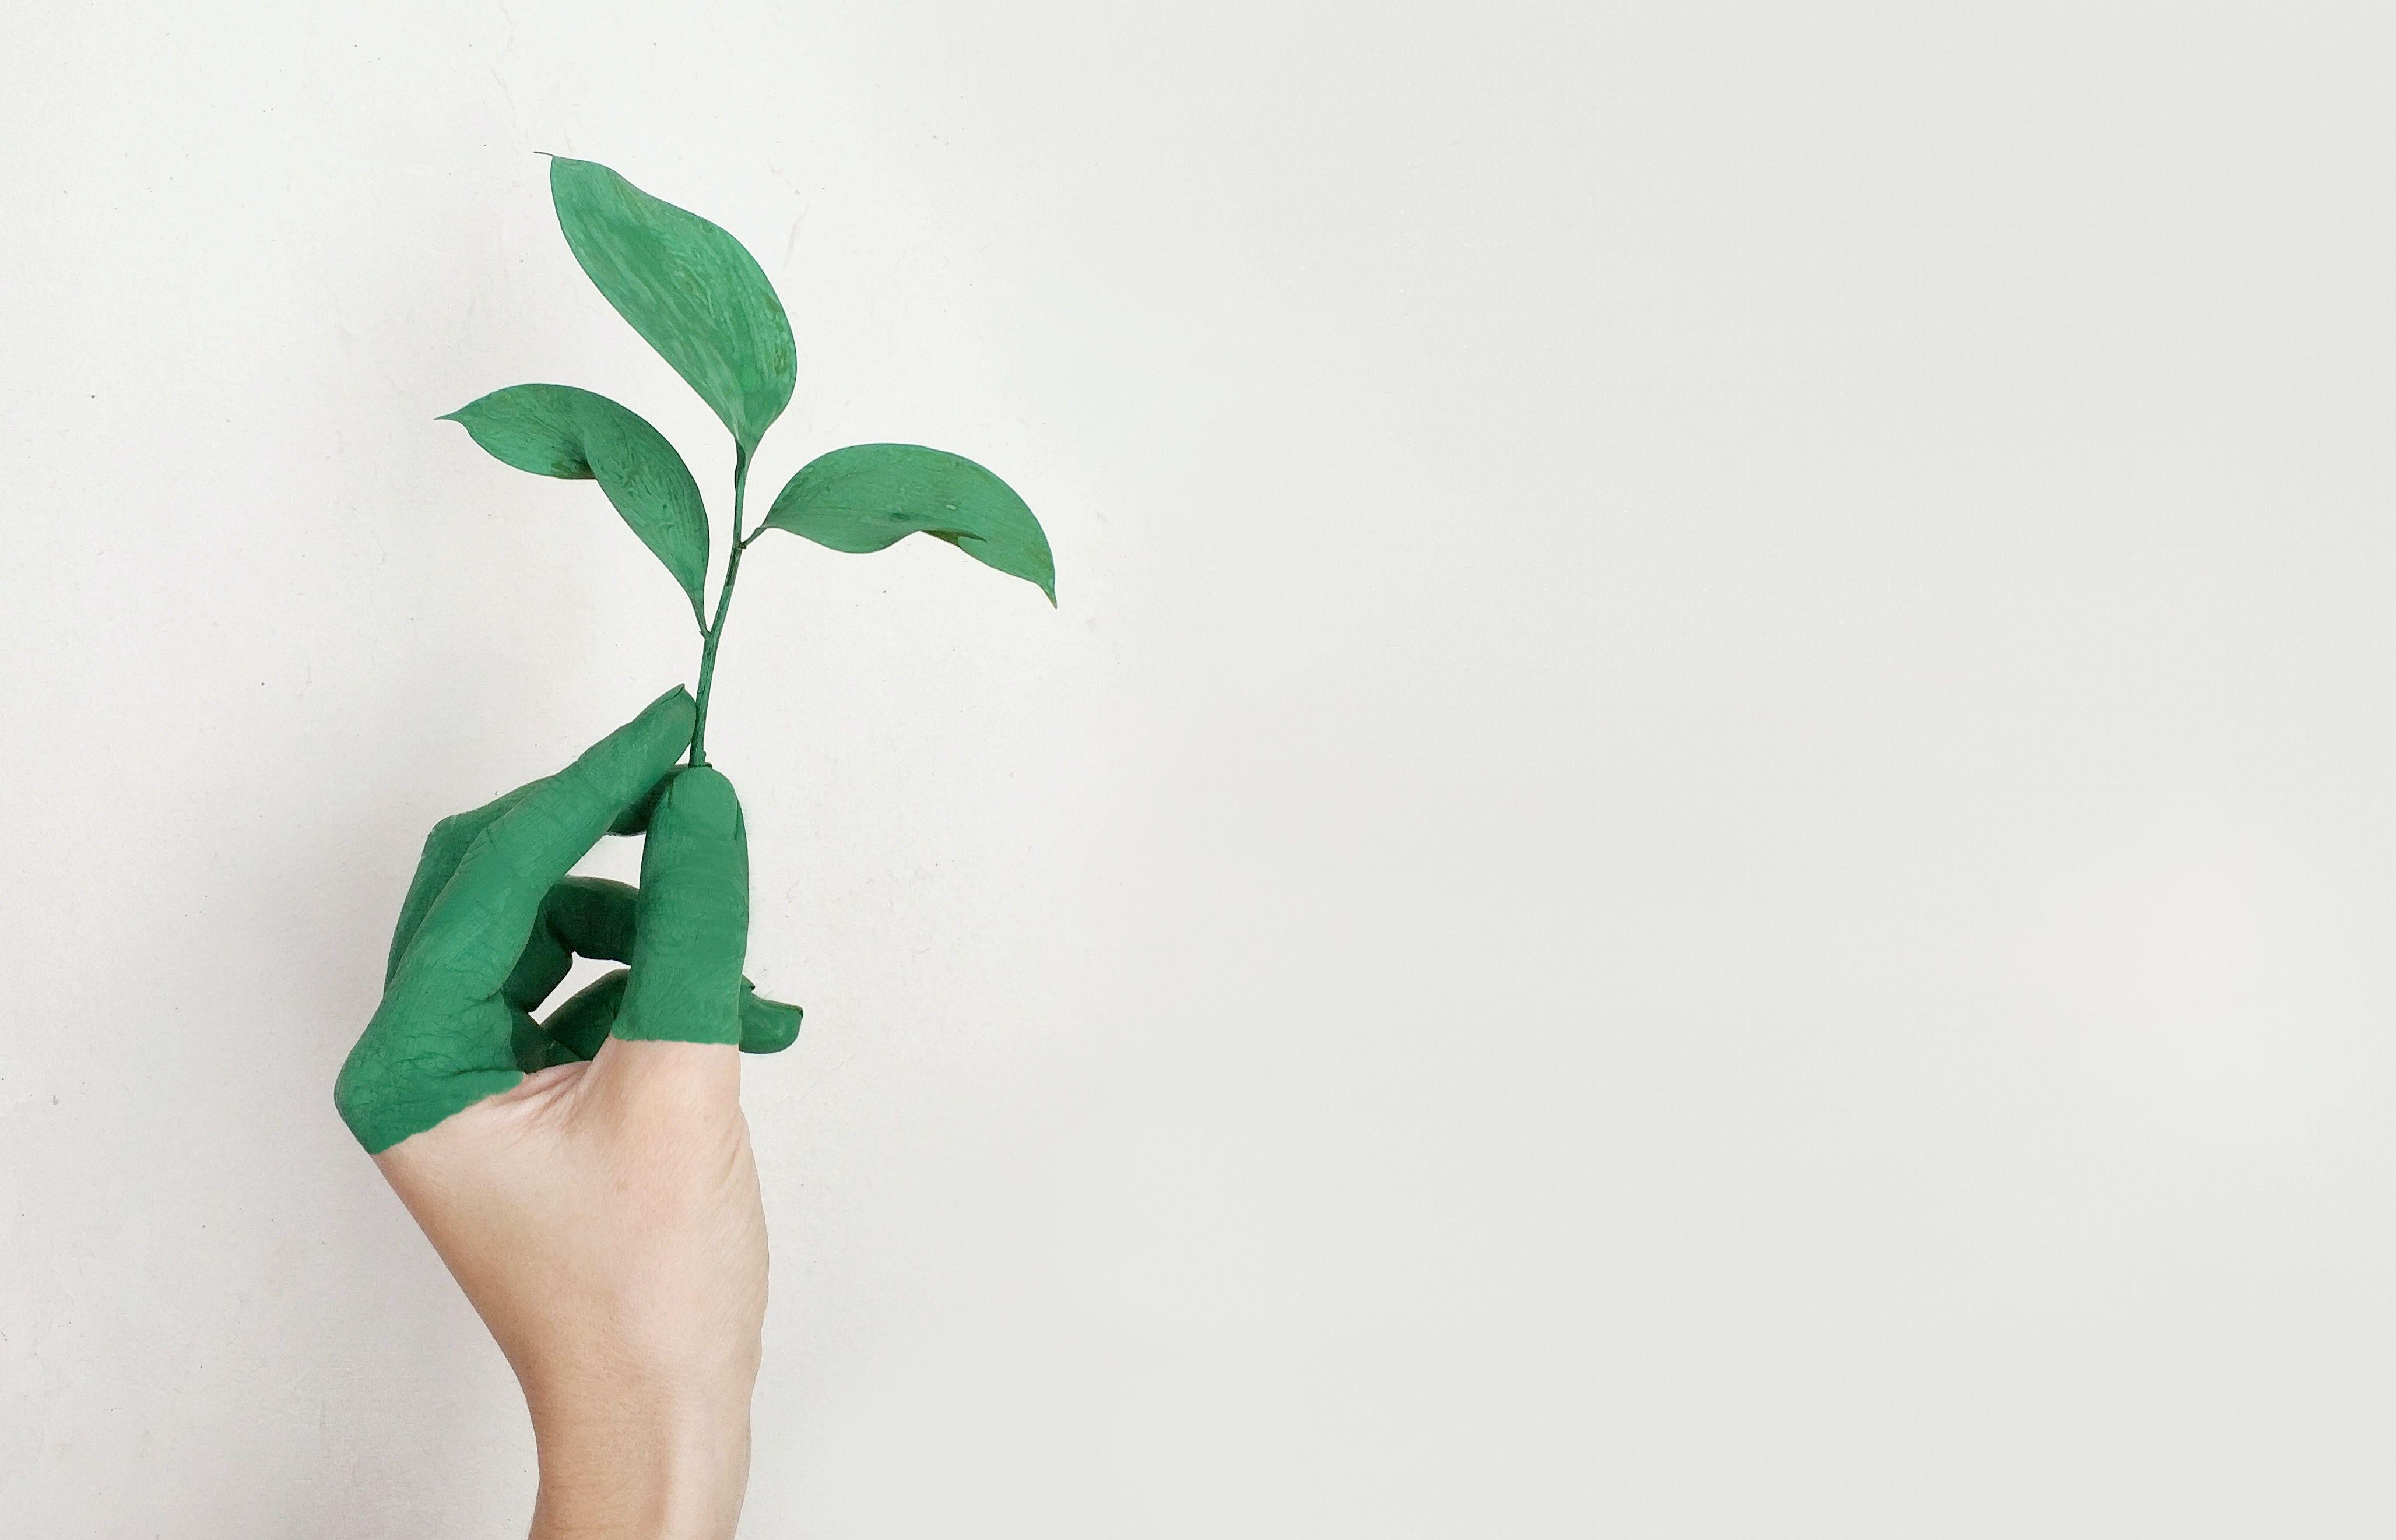 Meio ambiente, sustentabilidade